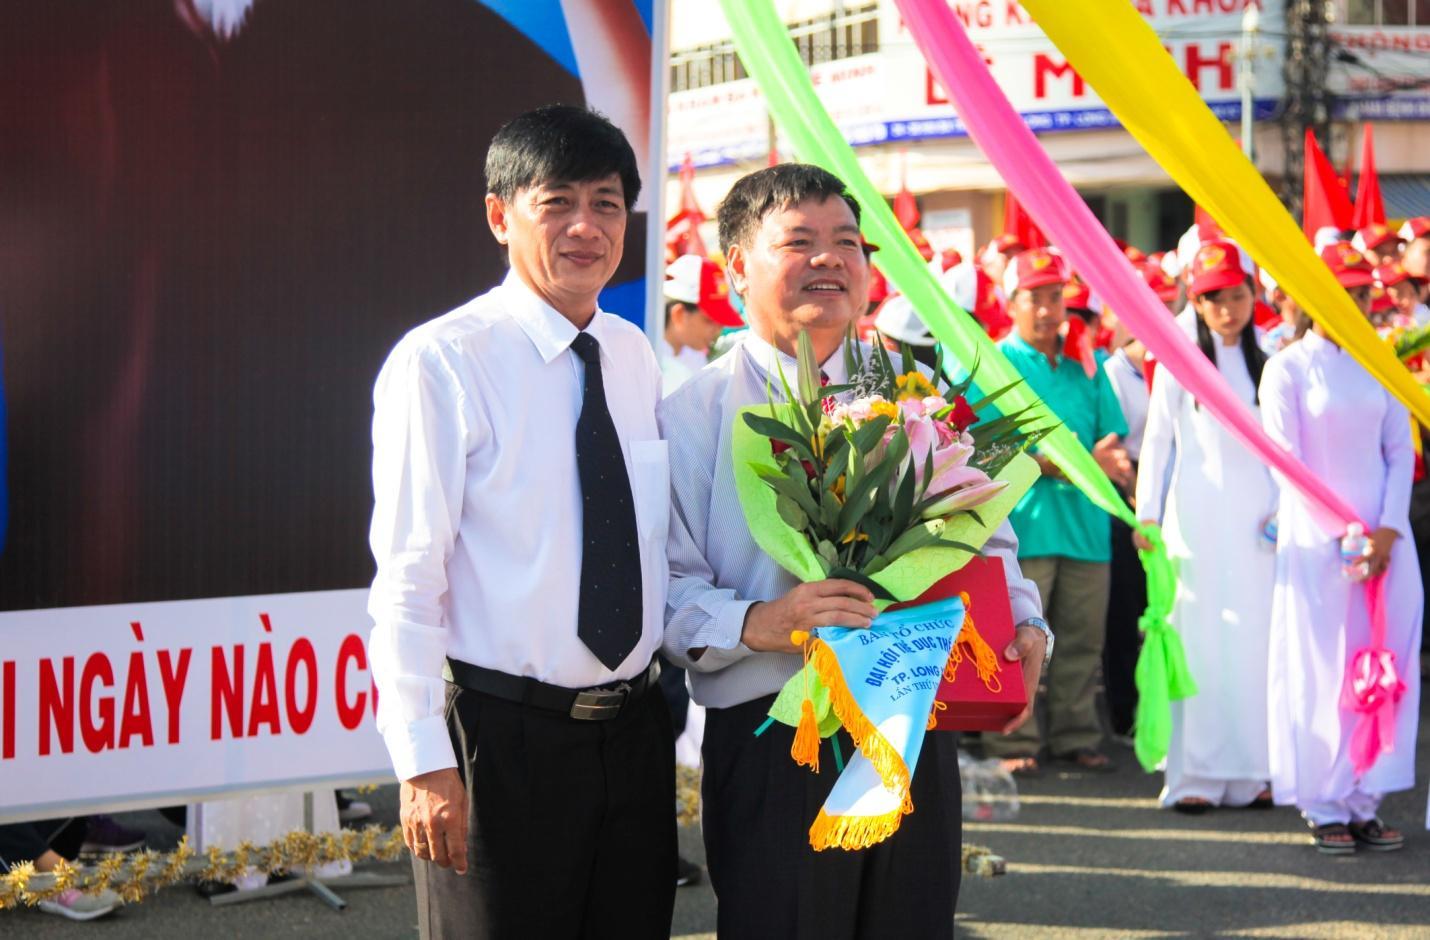 Description: 5. Ông Lê Xuân Quế - Phó TGĐ Tập đoàn Sao Mai nhận hoa, cờ lưu niệm từ Ban tổ chức.jpg